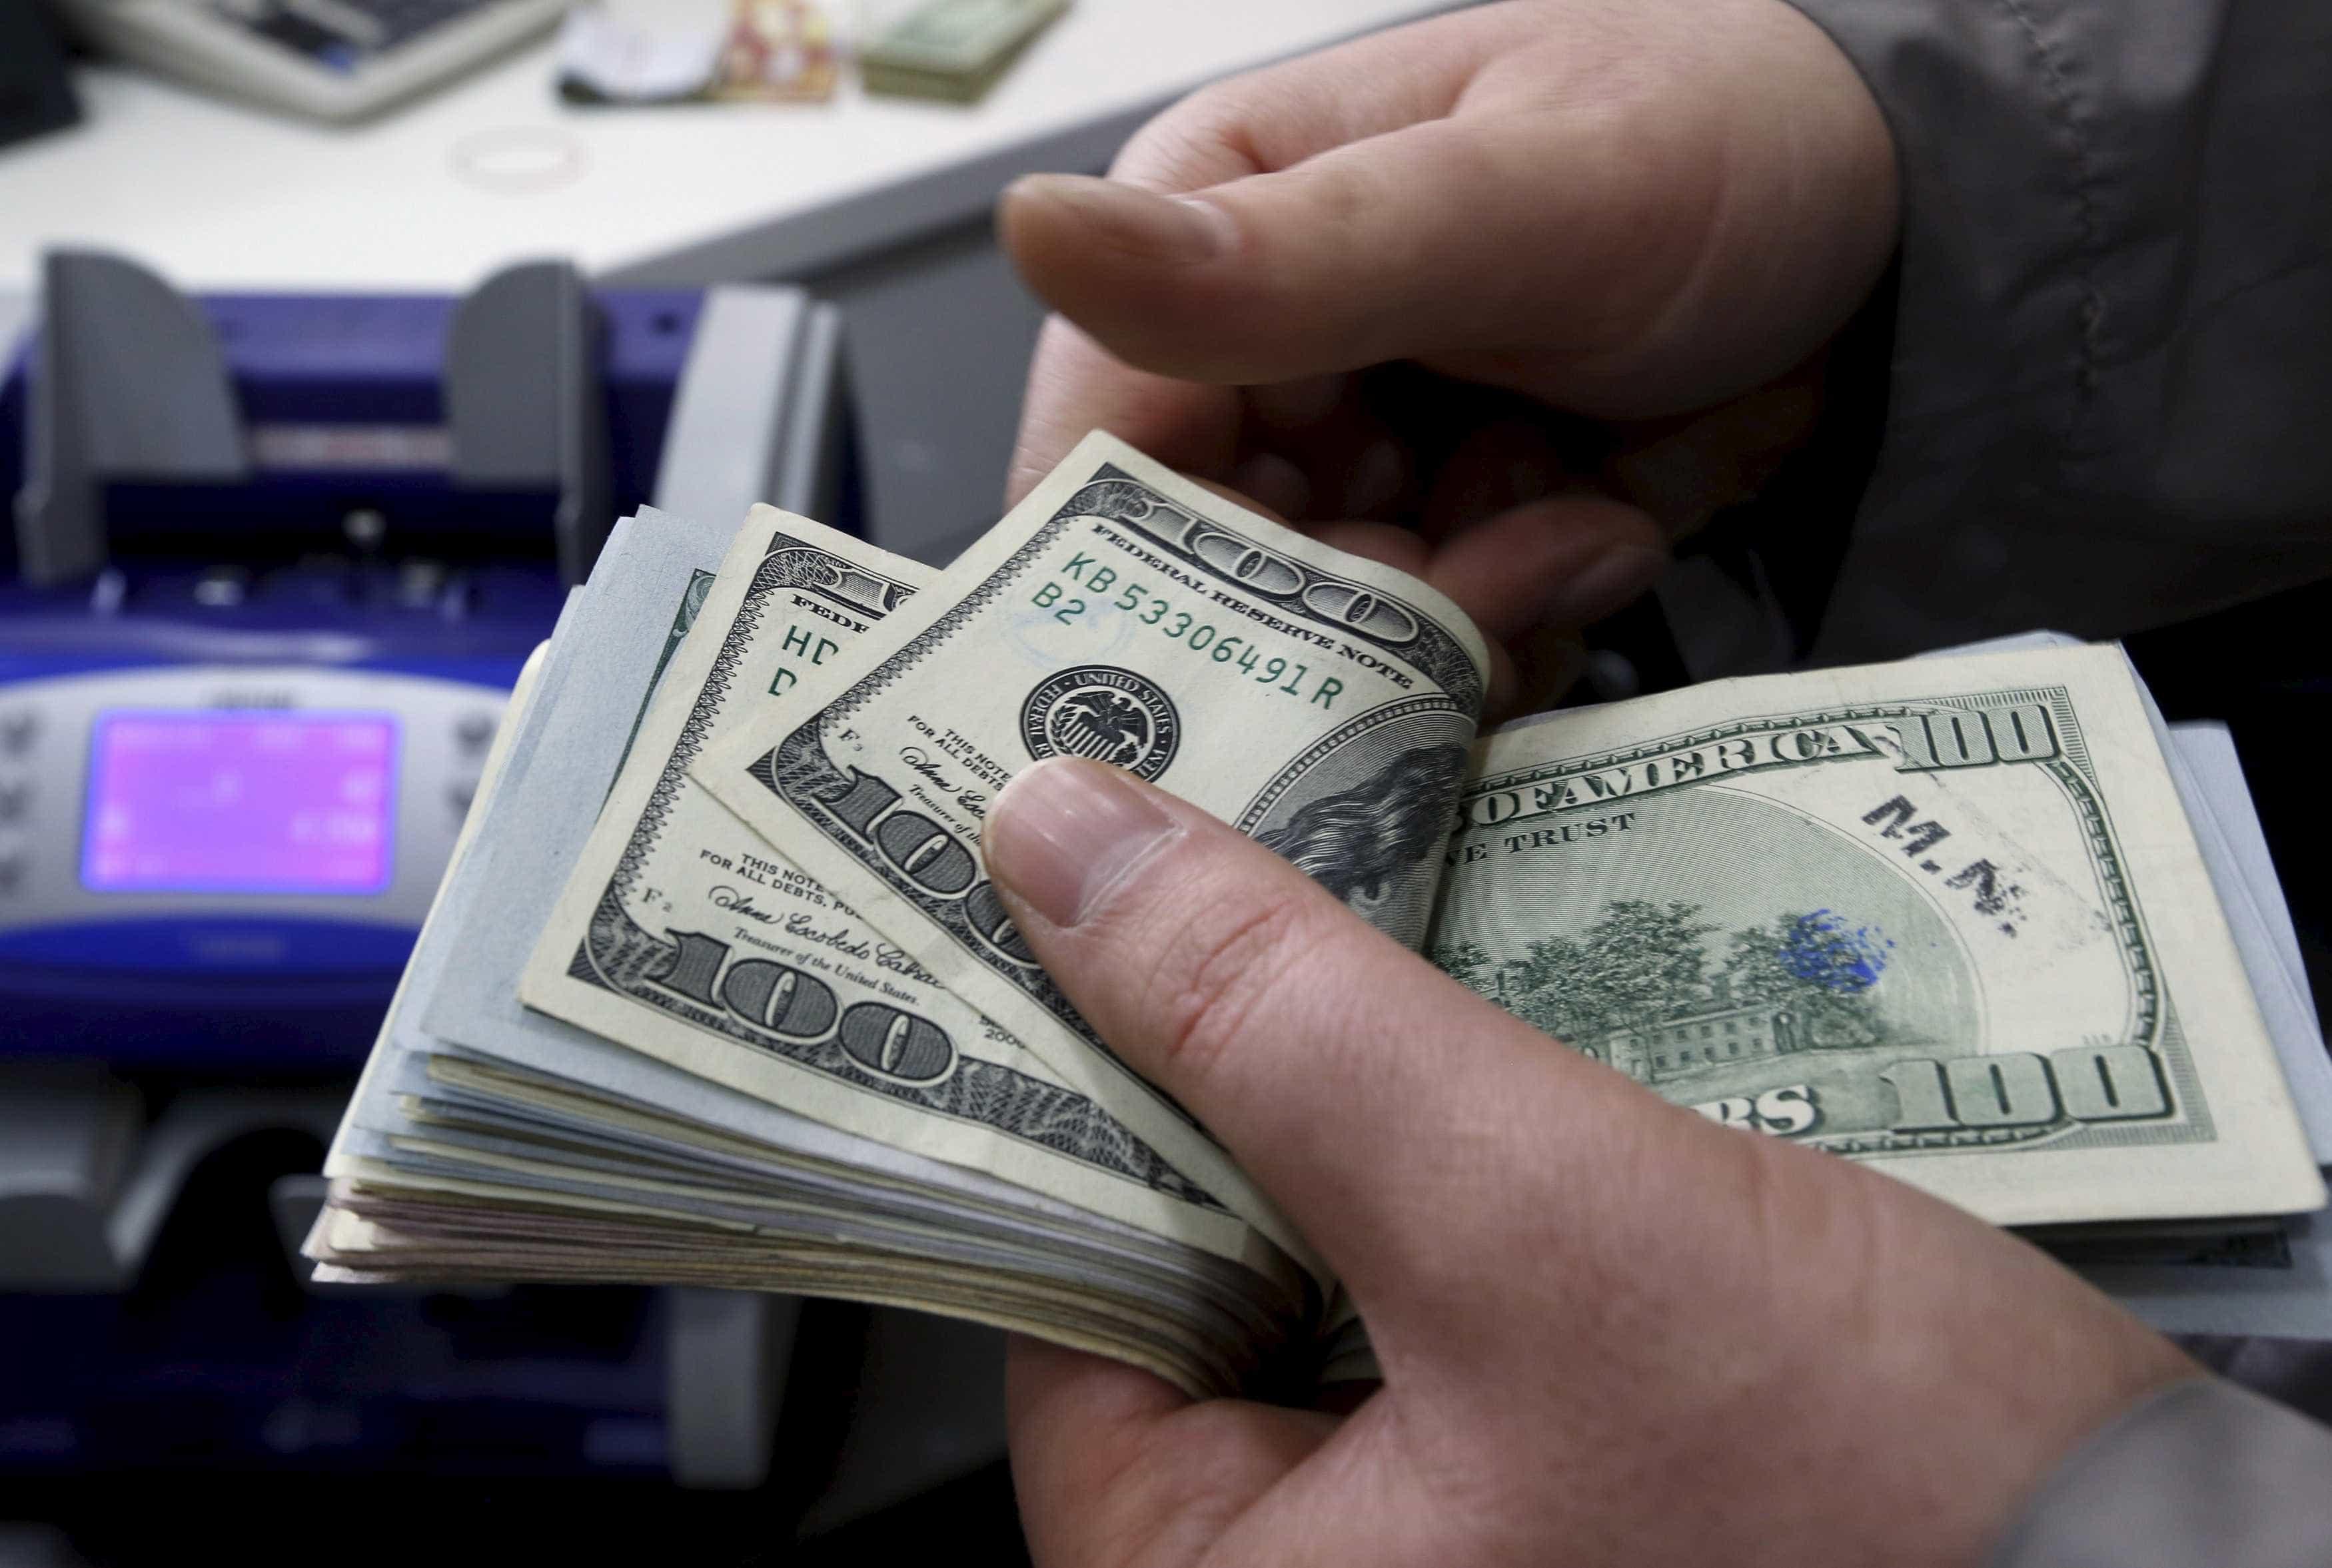 Dólar se aproxima de R$ 3,60 e Bolsa avança após eleição de Bolsonaro